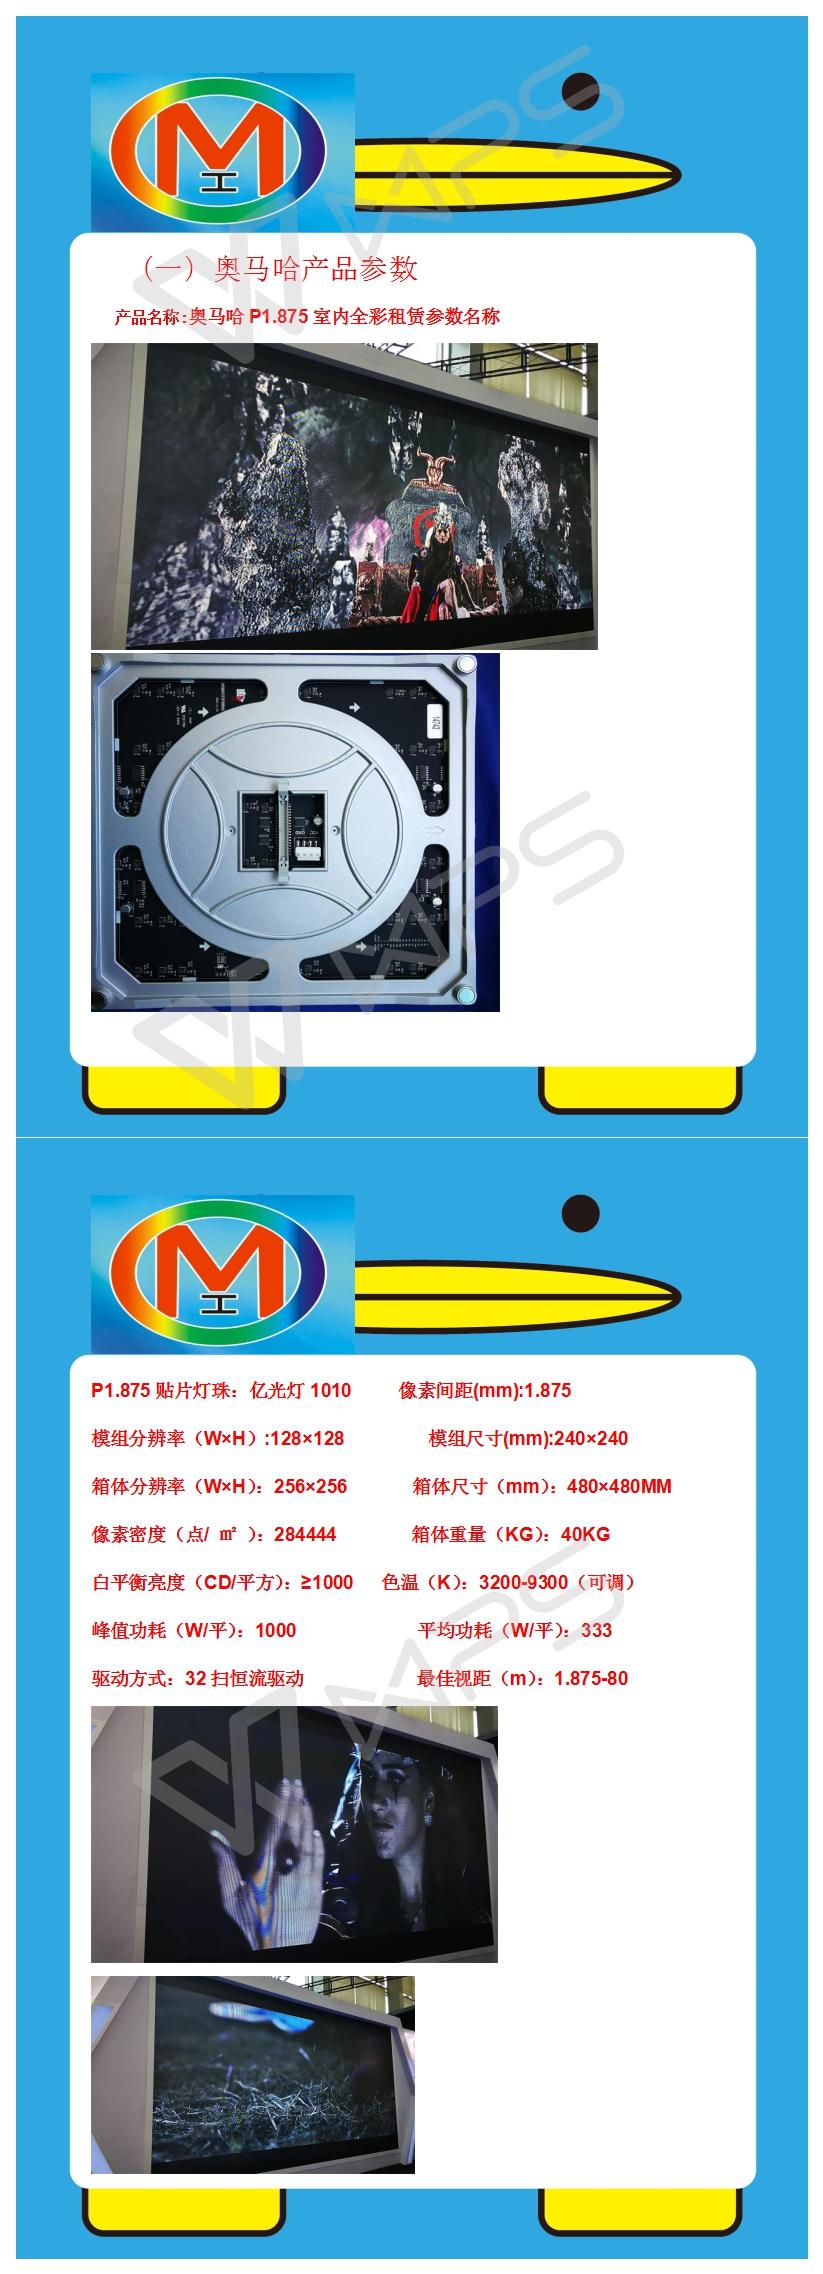 云南工业大学东二院多功能厅室内高清显示屏P1.875租赁箱体